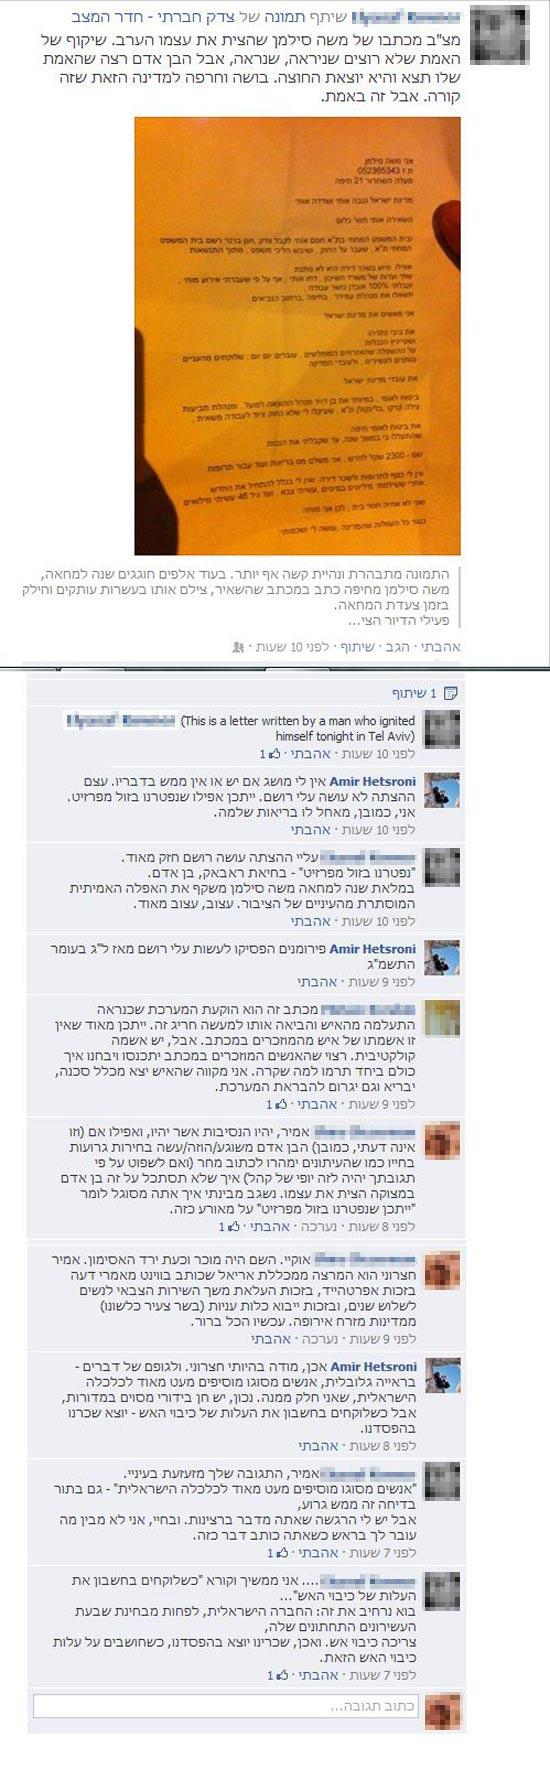 פרופ' חצרוני / צילום מסך מתוך הפייסבוק